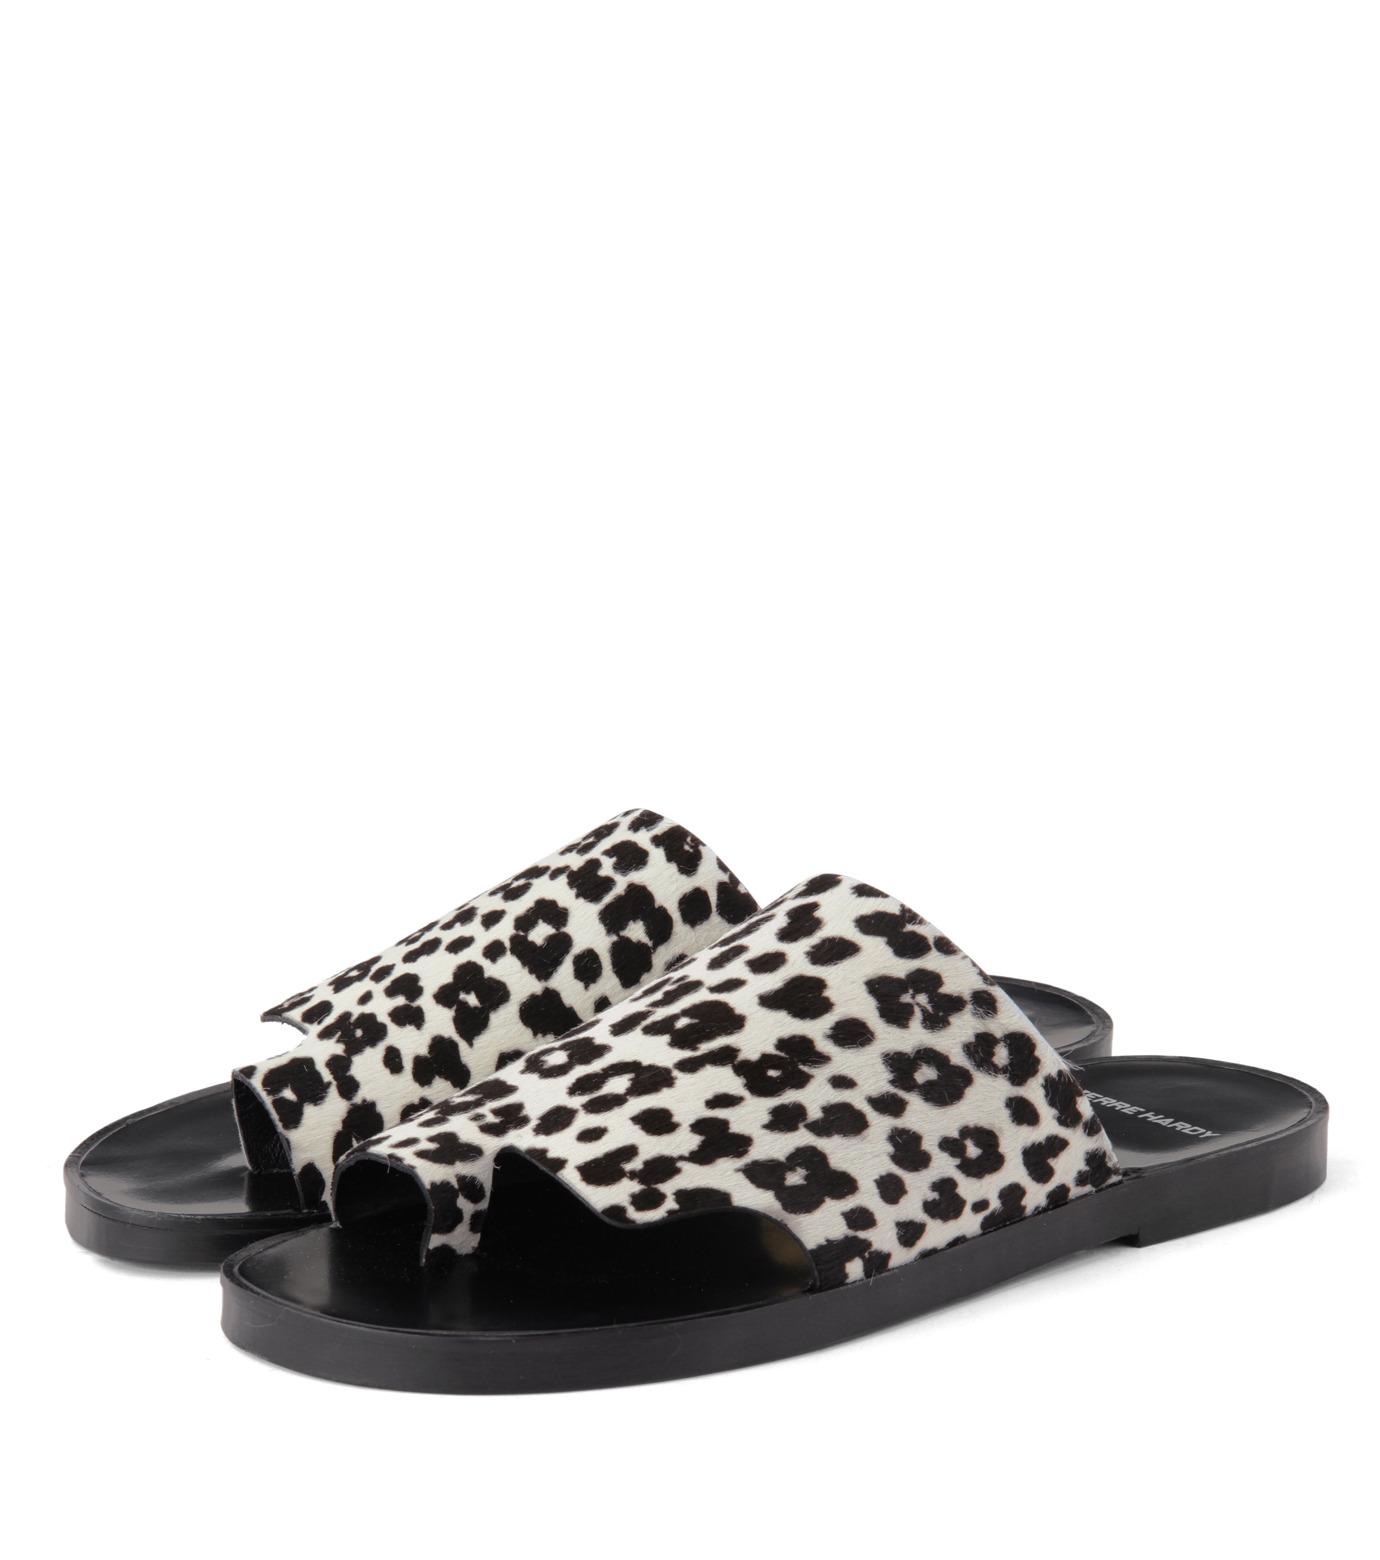 Pierre Hardy(ピエール アルディ)のLeopard Sandal-WHITE(シューズ/shoes)-S4FY08HRYCA-4 拡大詳細画像4